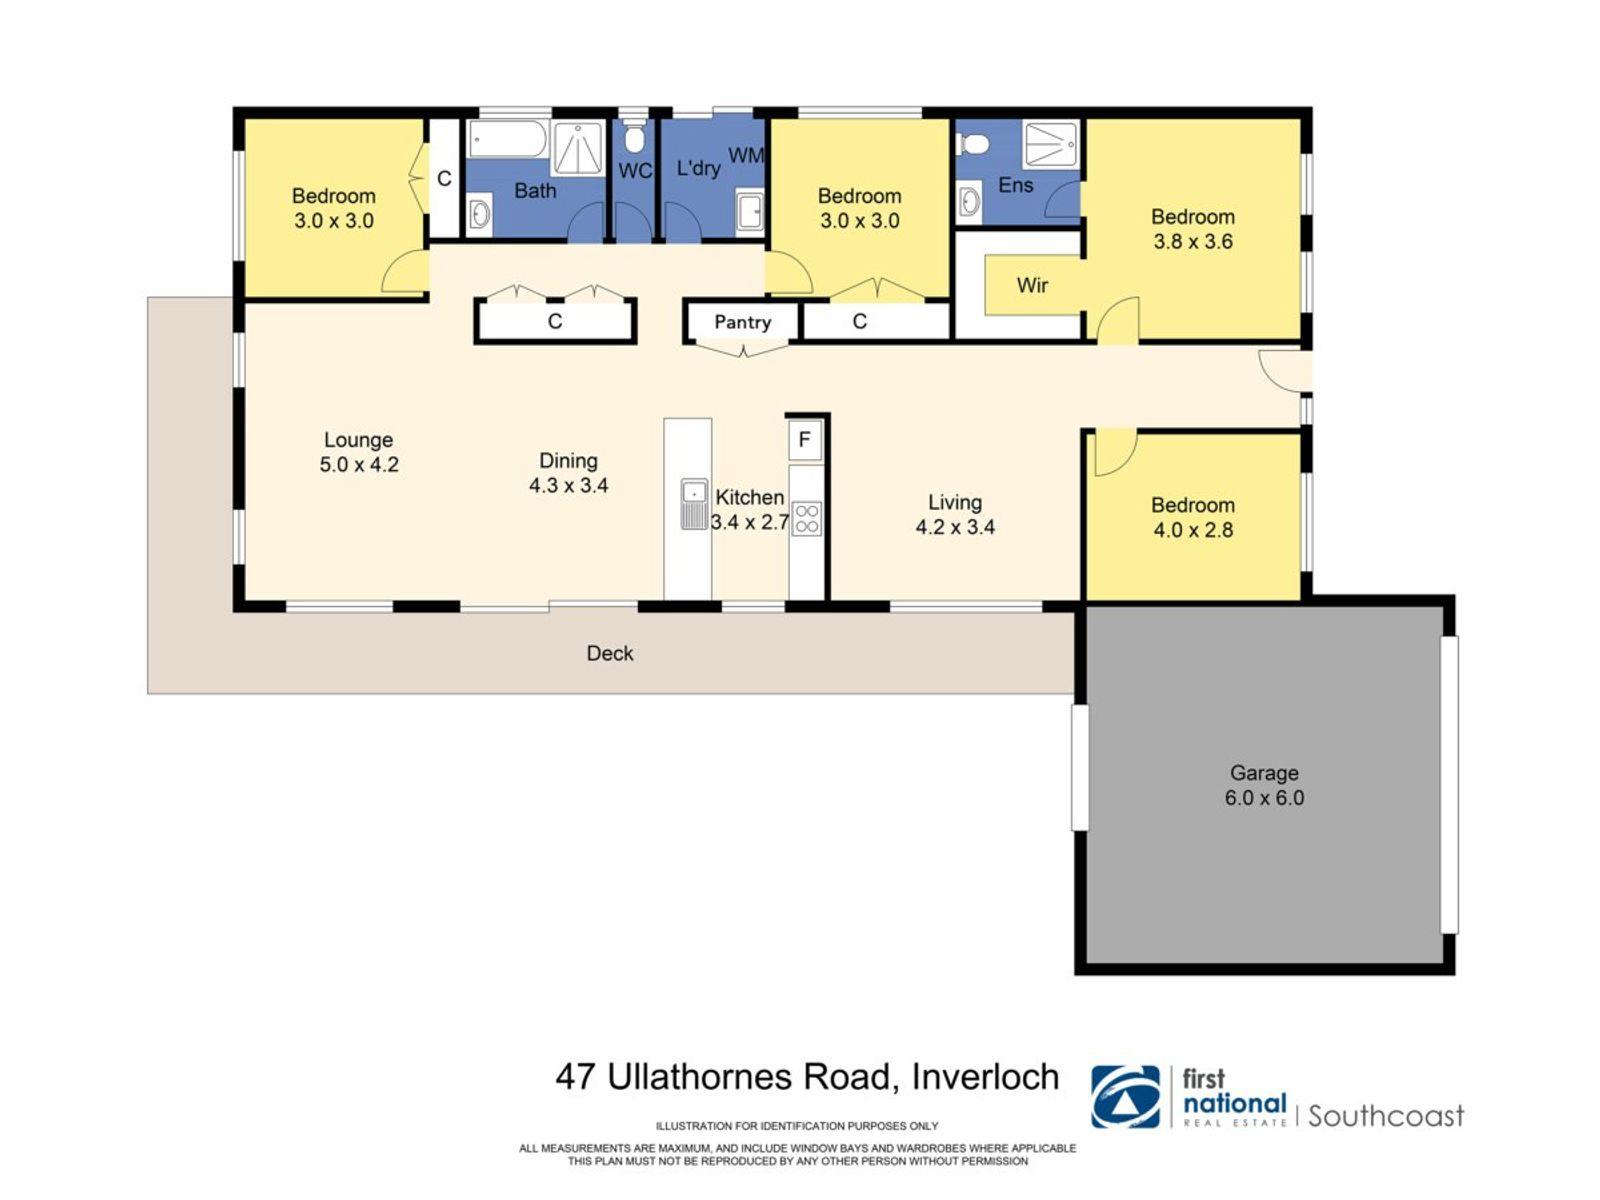 47 Ullathornes Road, Inverloch, VIC 3996